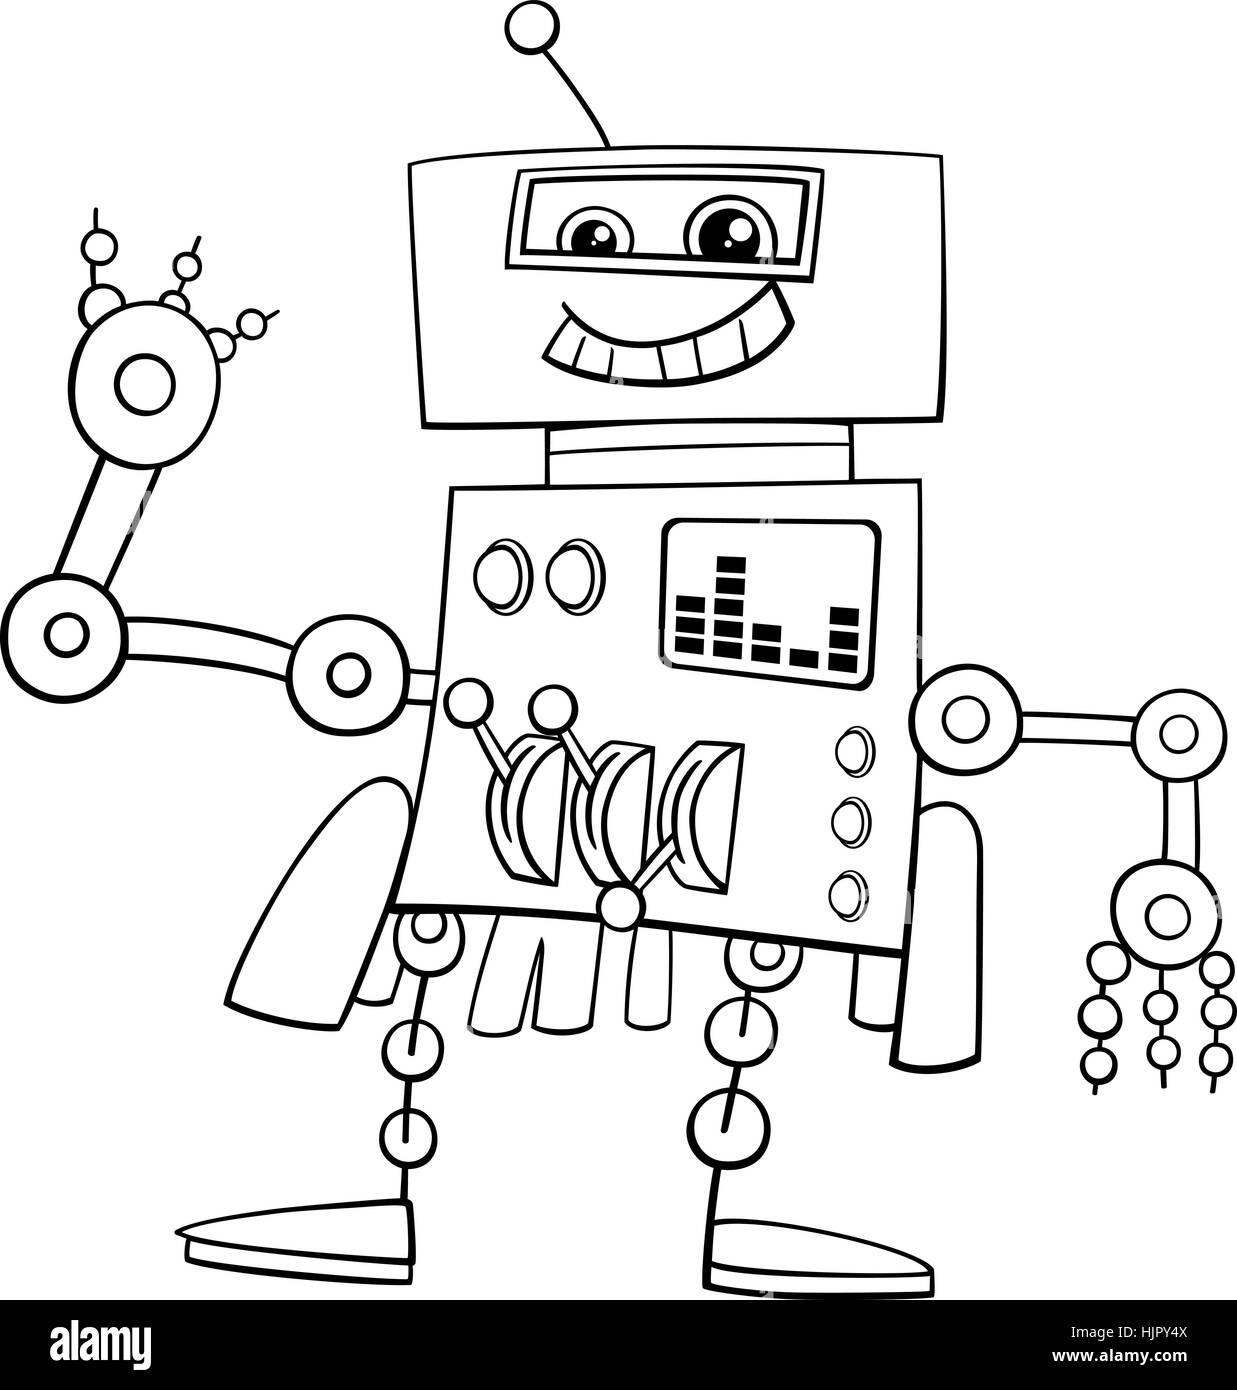 Schwarz / Weiß Cartoon Illustration der Roboter Science-Fiction oder ...